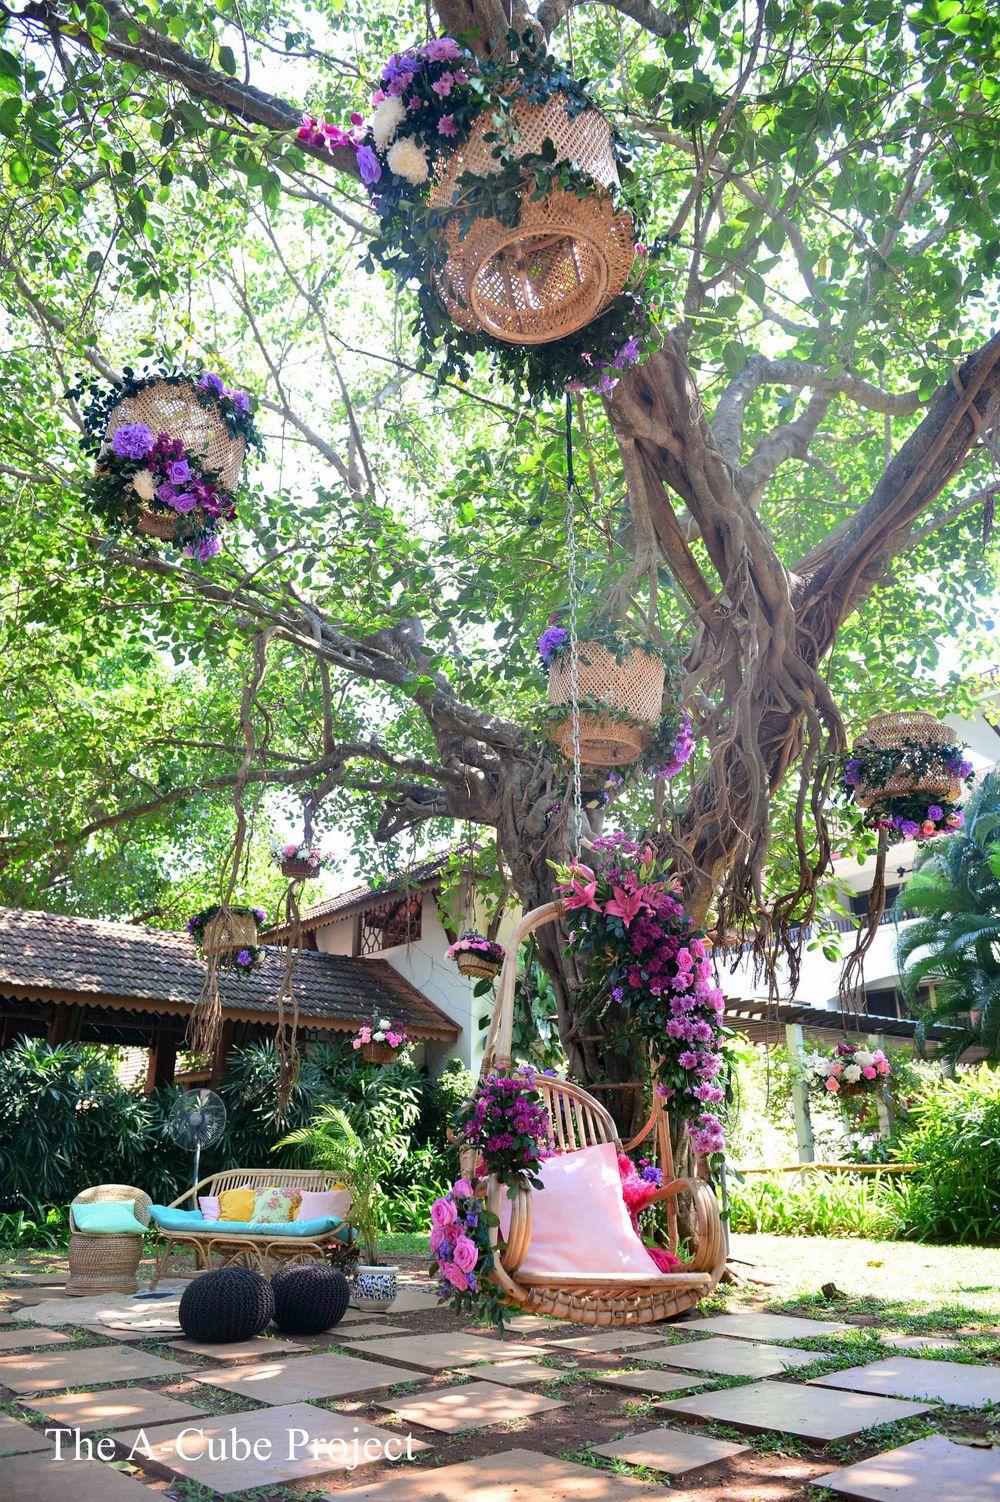 Photo of Jhoola setup with purple flowers and cane baskets.